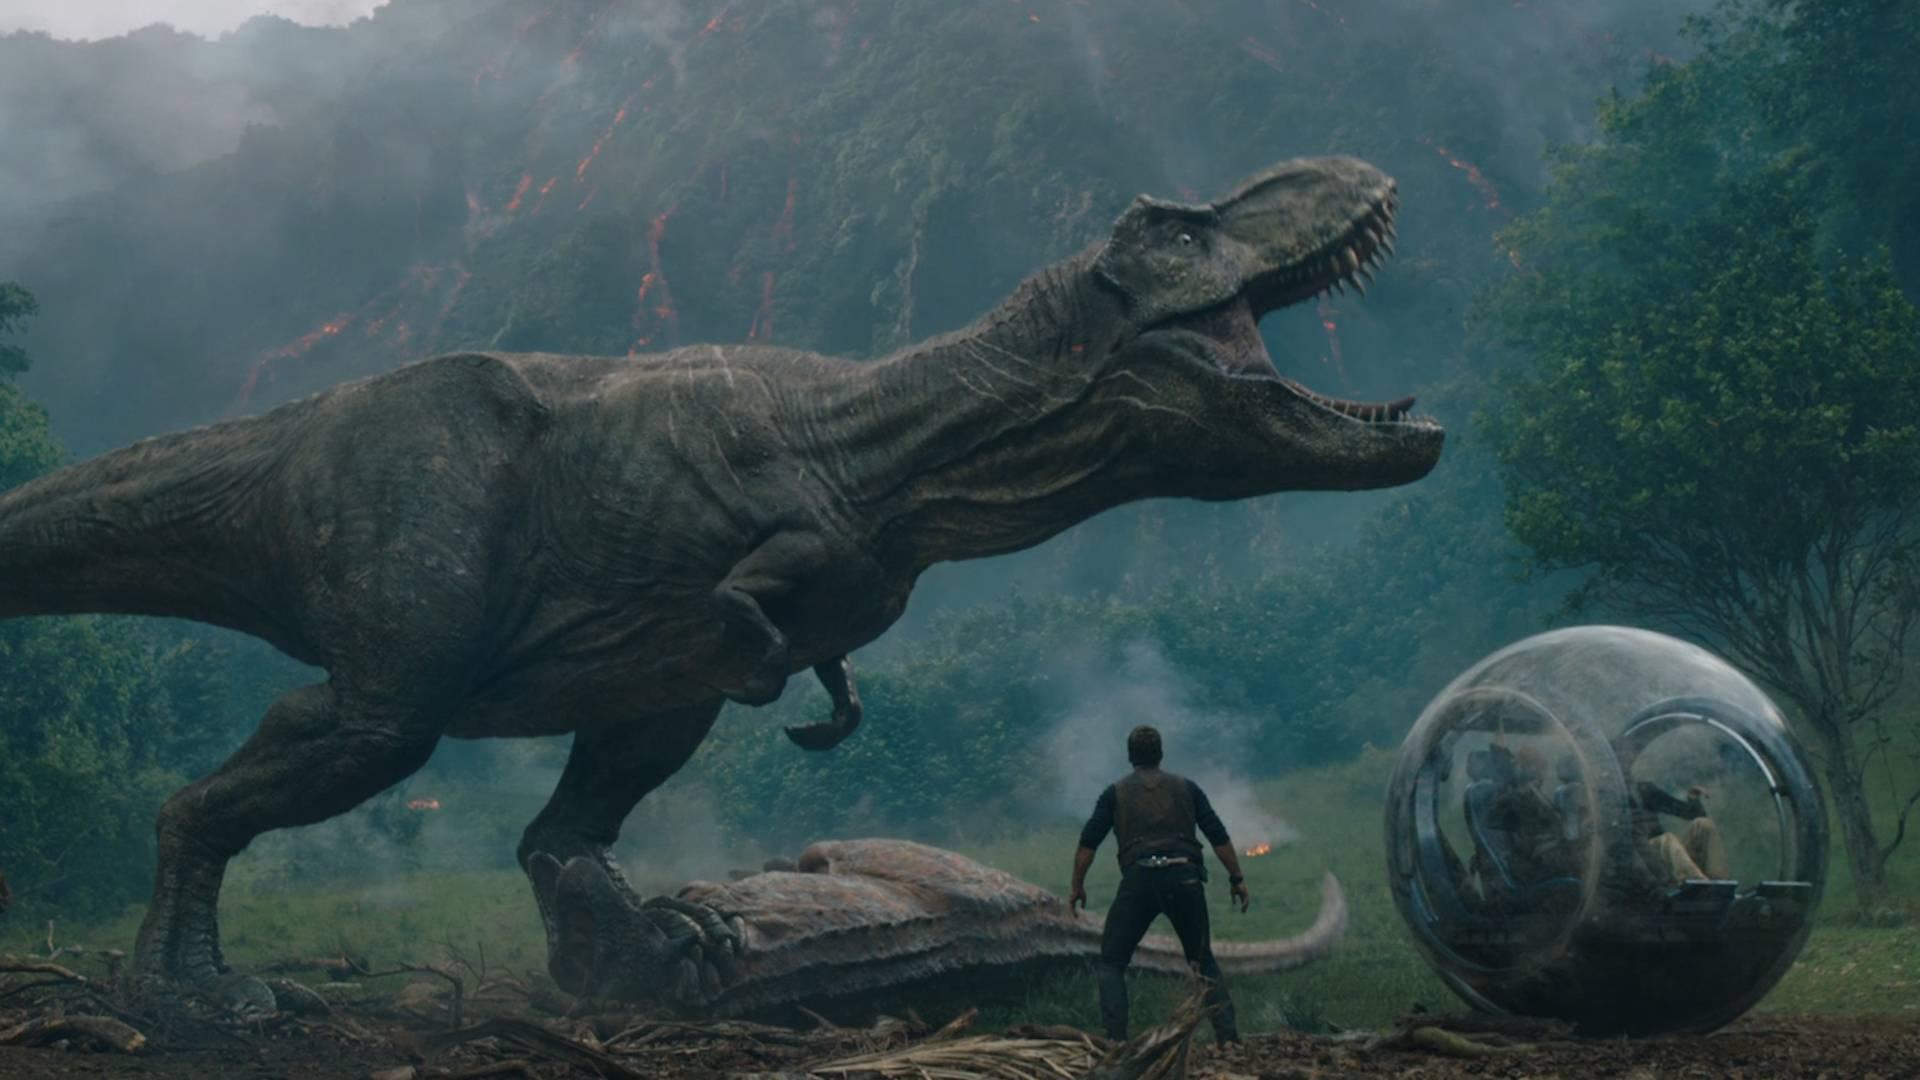 Movie still from Jurassic World: Fallen Kingdom